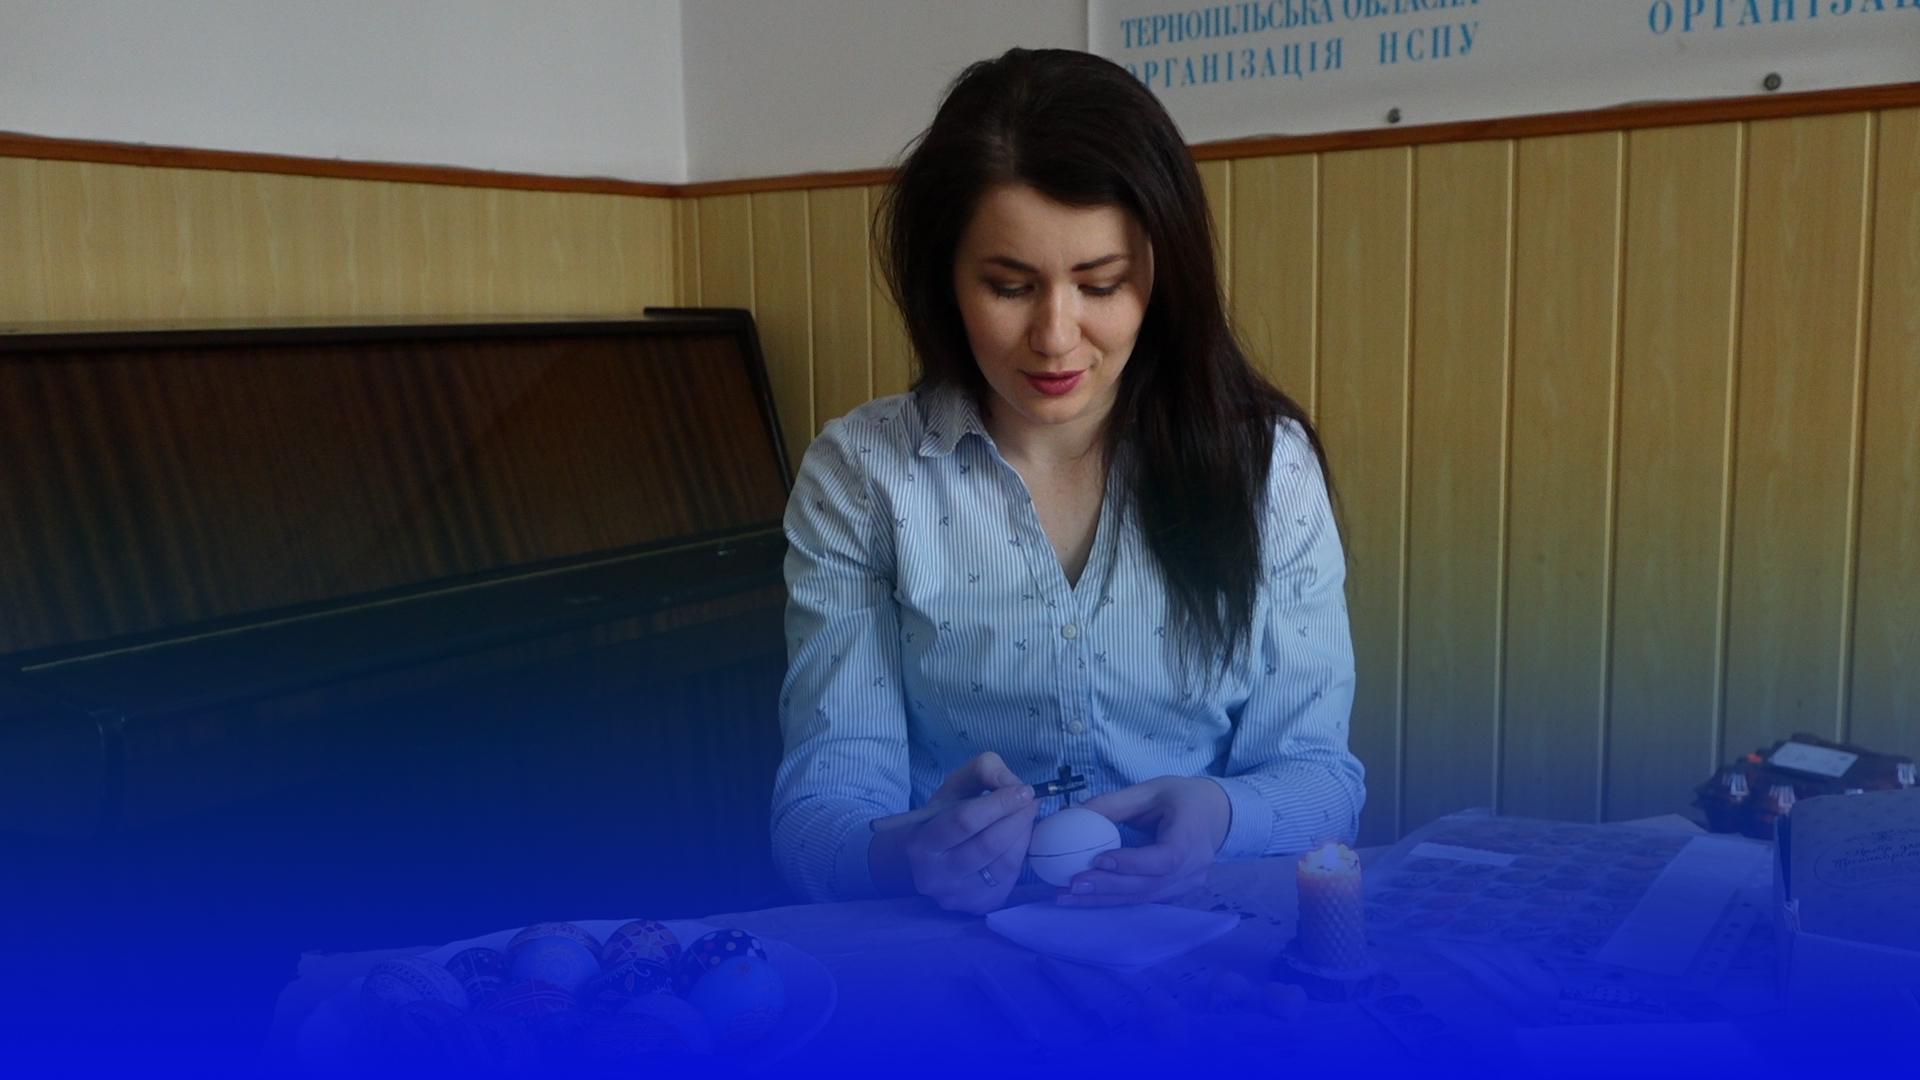 Традиція писанкарства від Ірини Абрам'юк: як і коли варто братись до розпису великодніх яєць